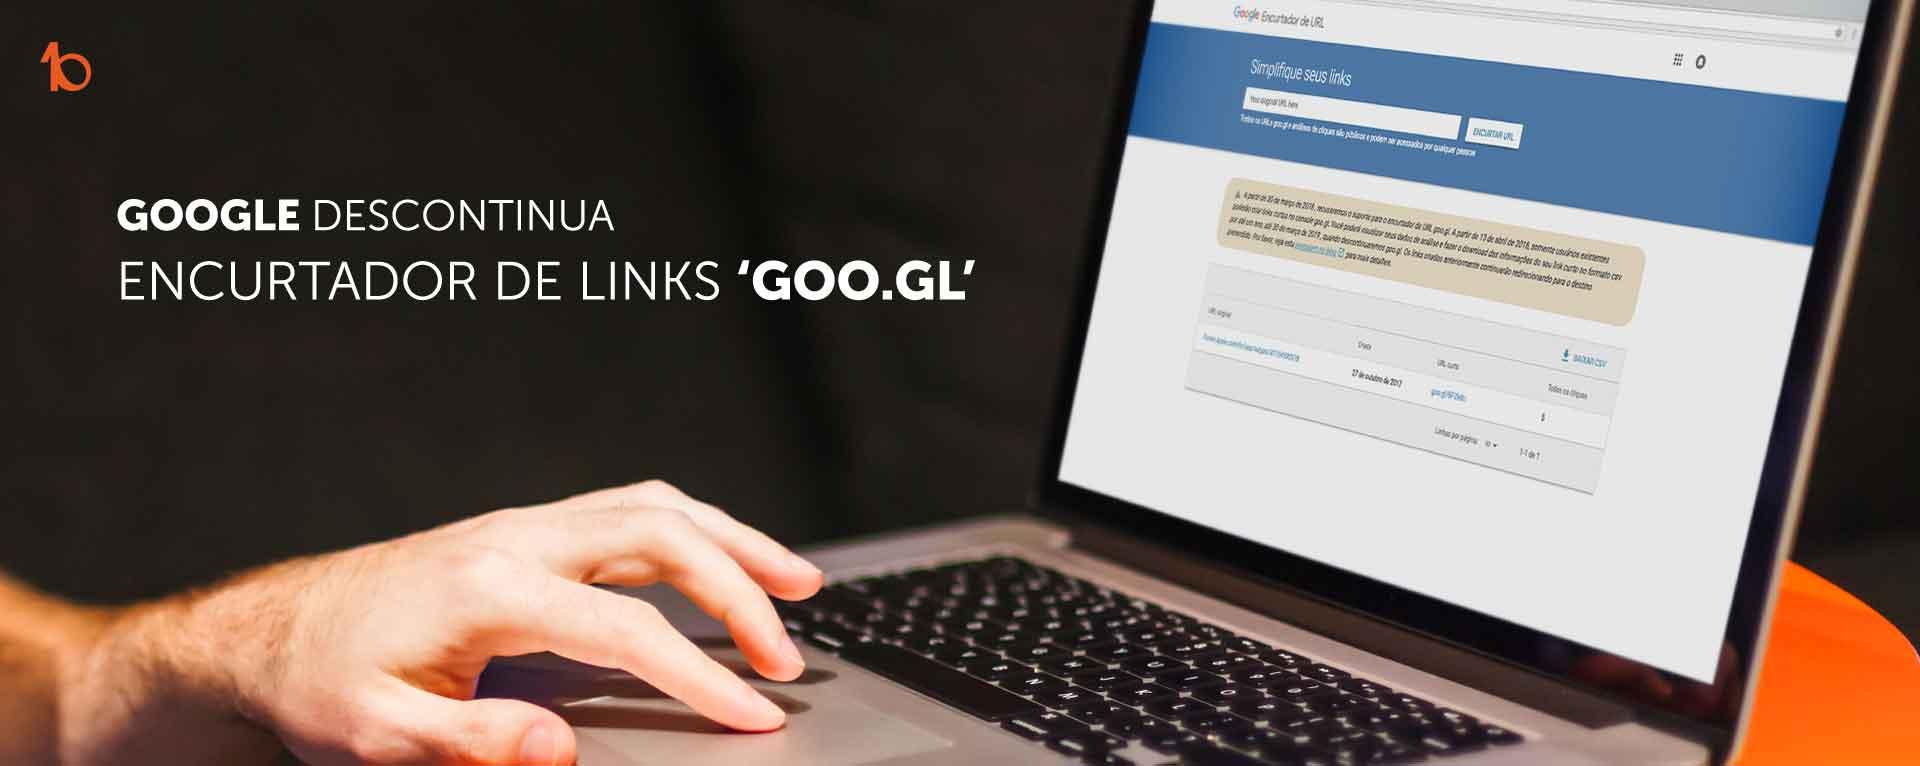 Google encerra encurtador de links goo.gl